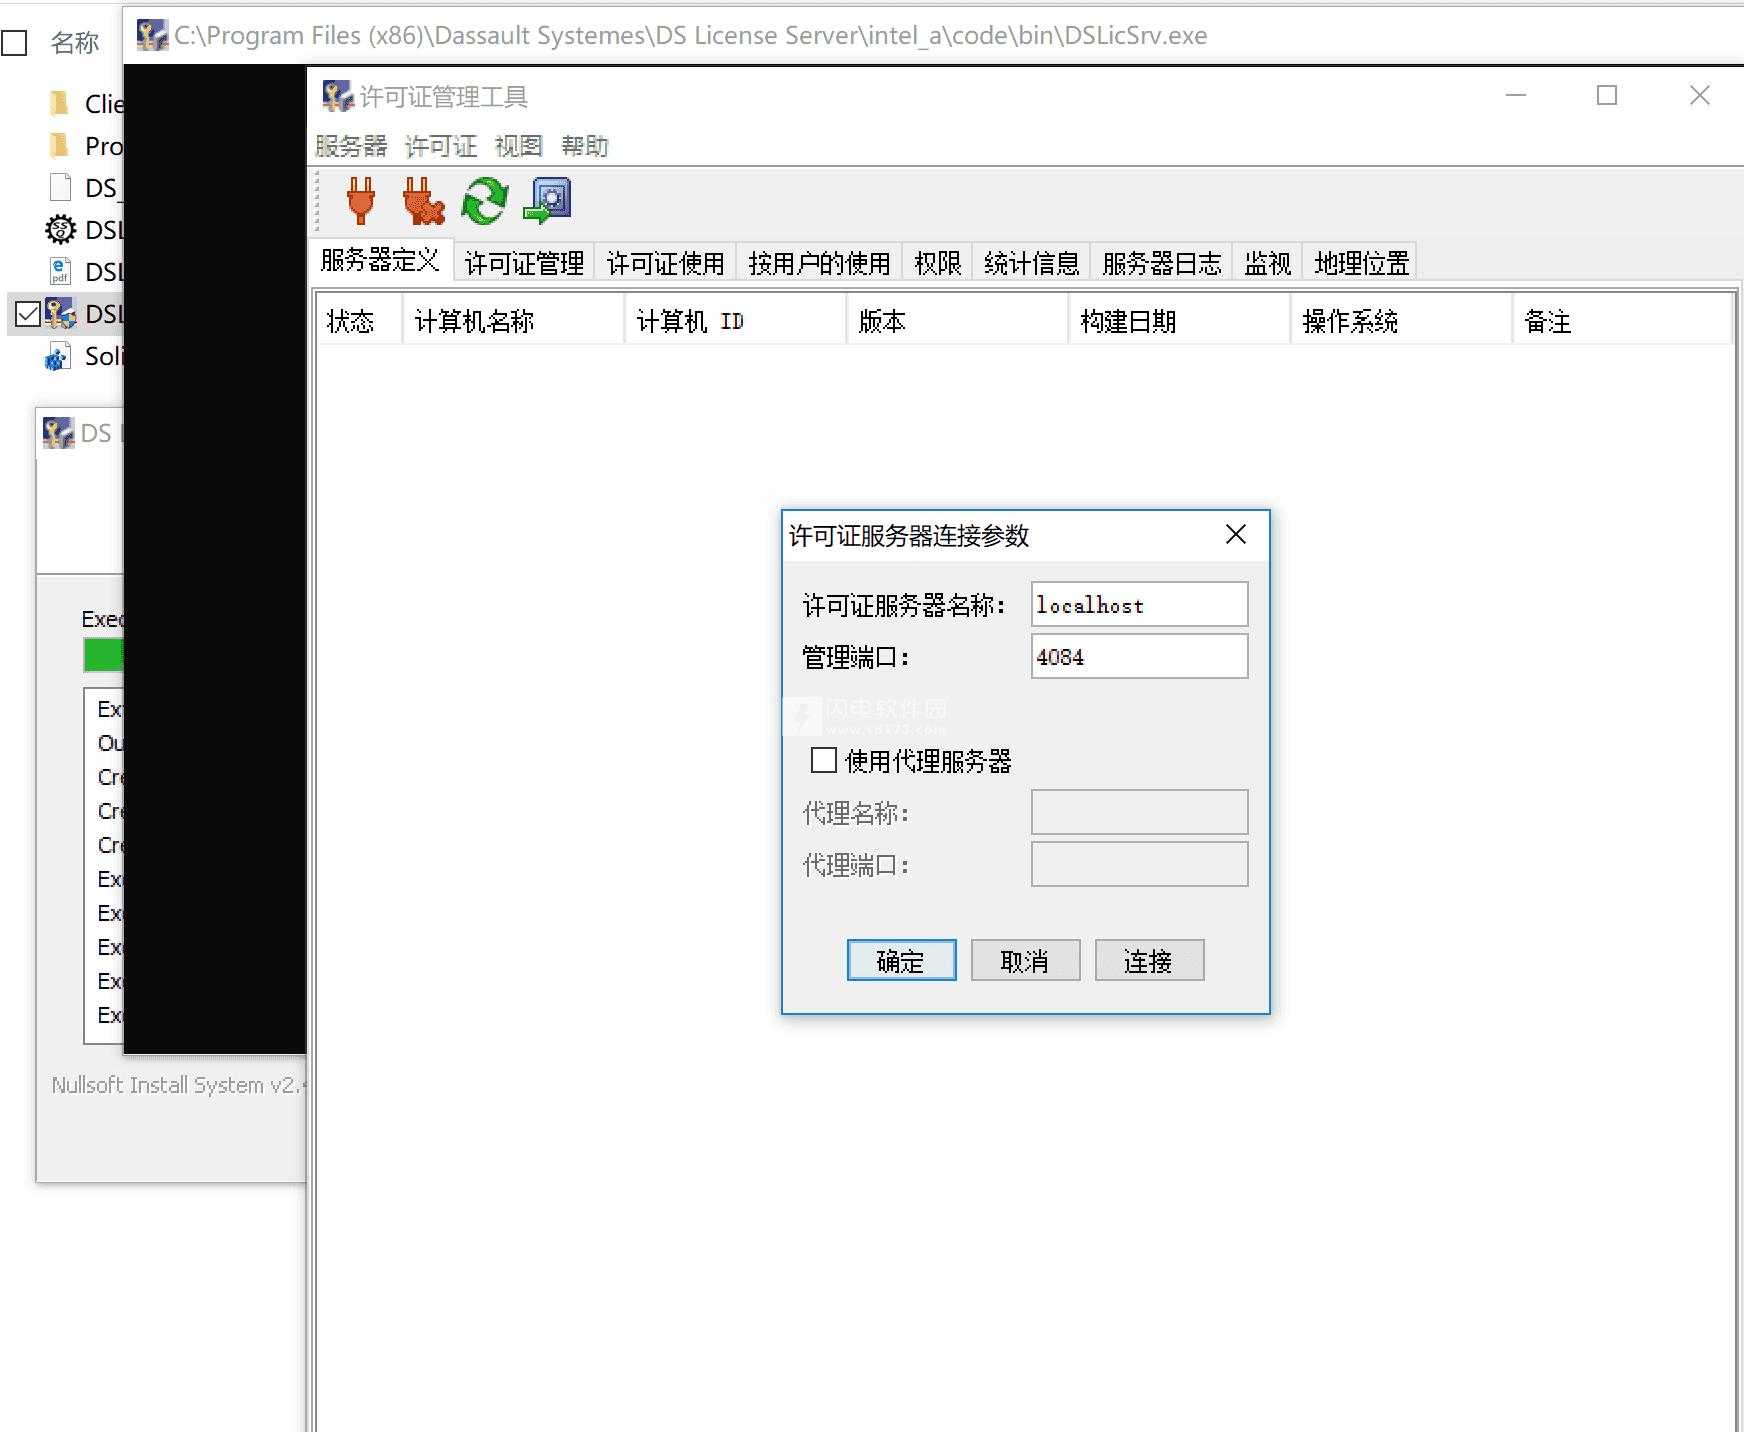 DS CADAM Drafting V5-6R2018 SP1中文破解版 附安装破解图文教程